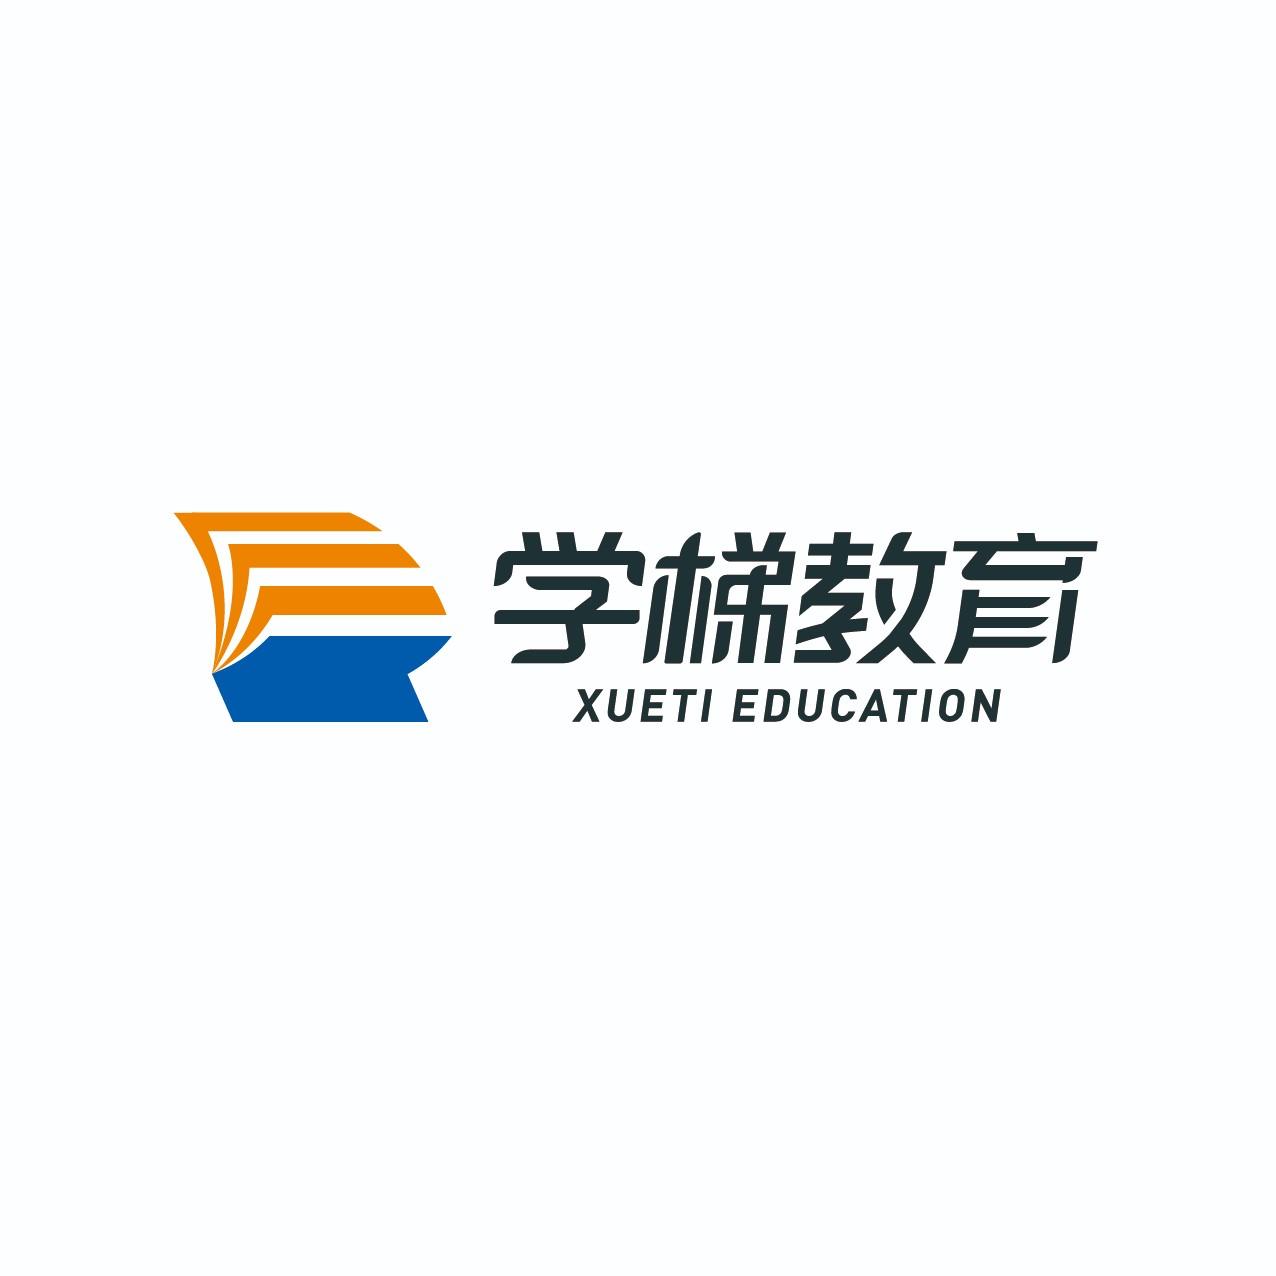 新疆学梯教育科技有限公司